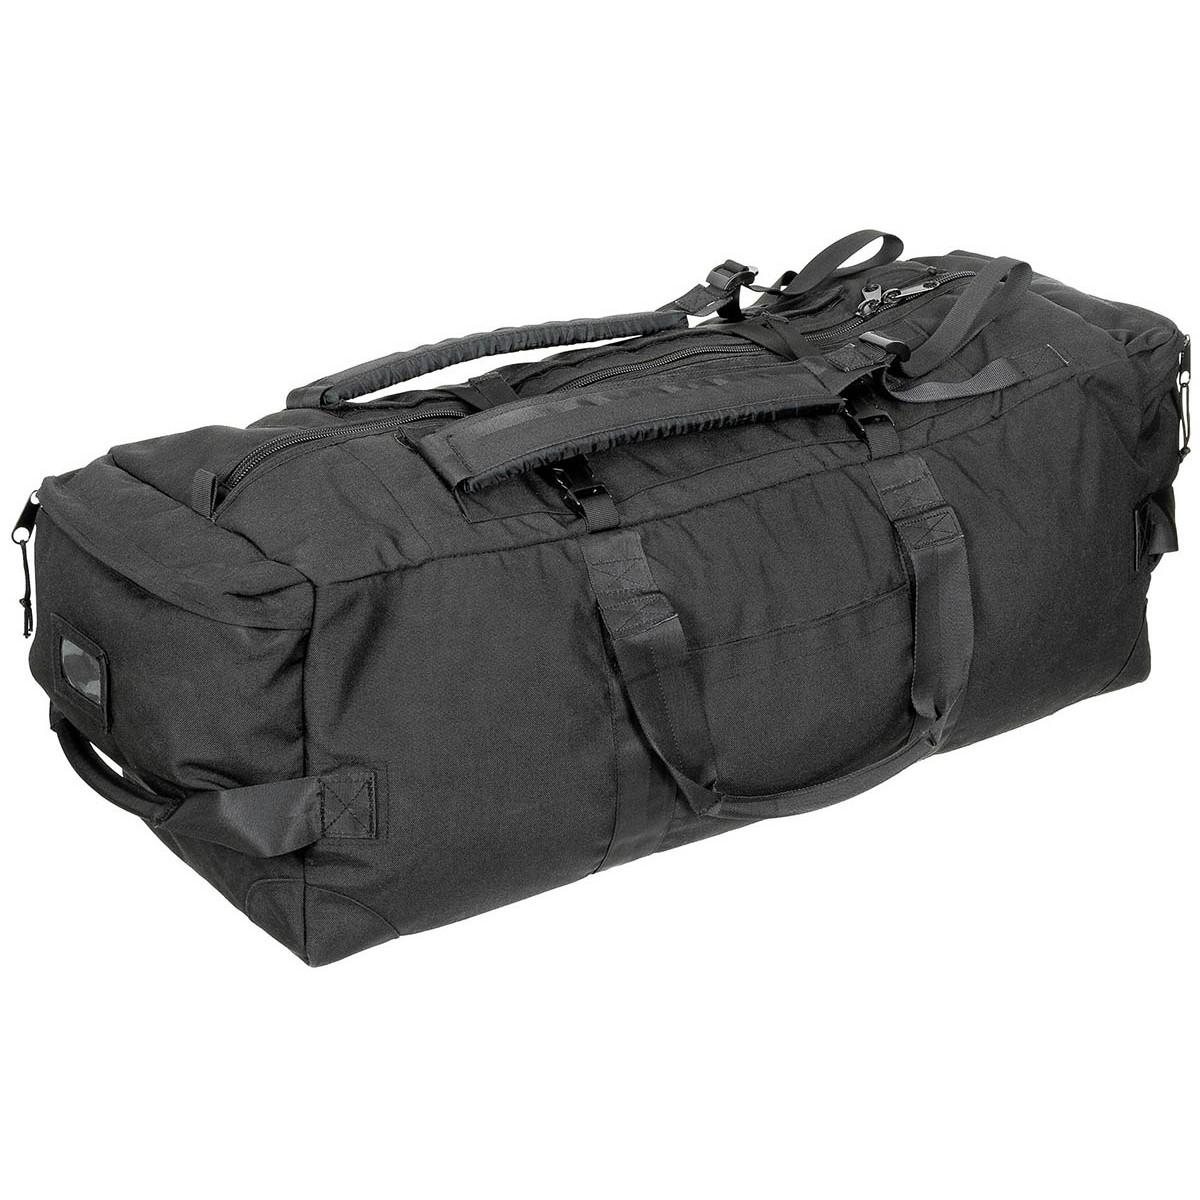 Operational Travel Bag Britischer Kampf-Trageseesack schwarz